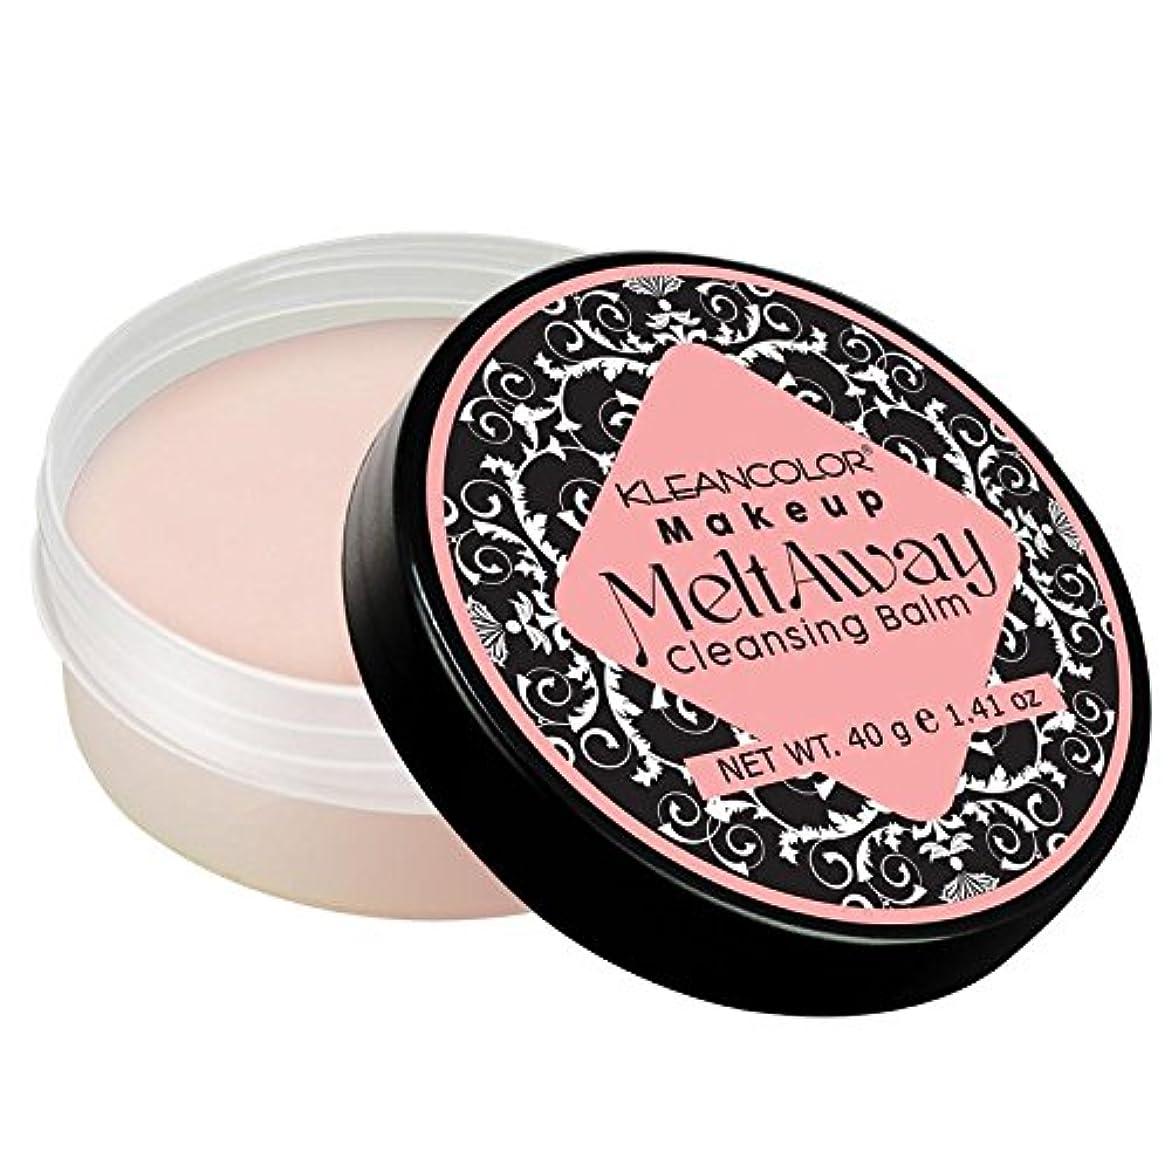 フレキシブル配管のために(3 Pack) KLEANCOLOR Makeup Meltaway Cleansing Balm (並行輸入品)